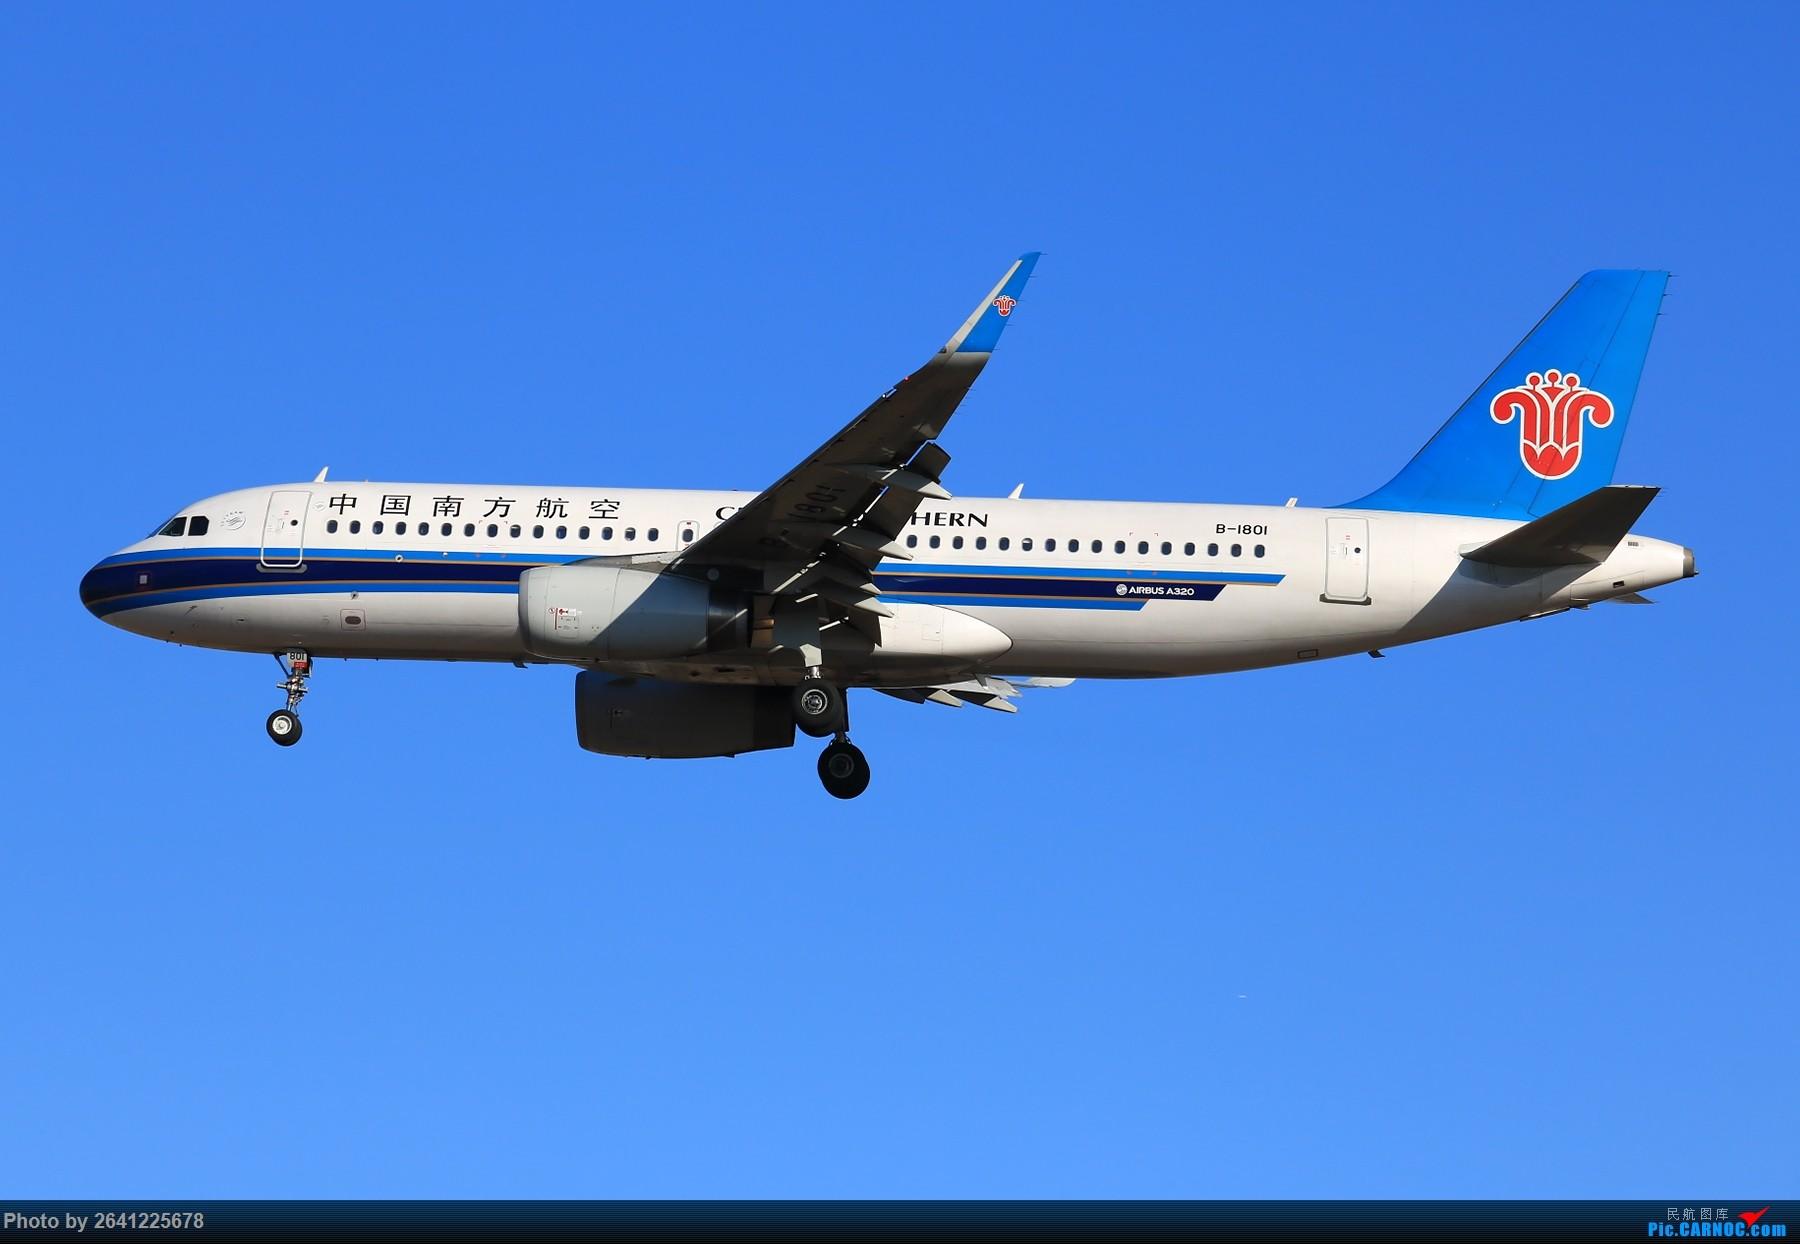 Re:[原创]【PEK】六七级北风吹走了雾霾,吹不走拍机的热情!1800*1200/1920*1280一组 图片略多,慢慢发 AIRBUS A320-200 B-1801 中国北京首都国际机场